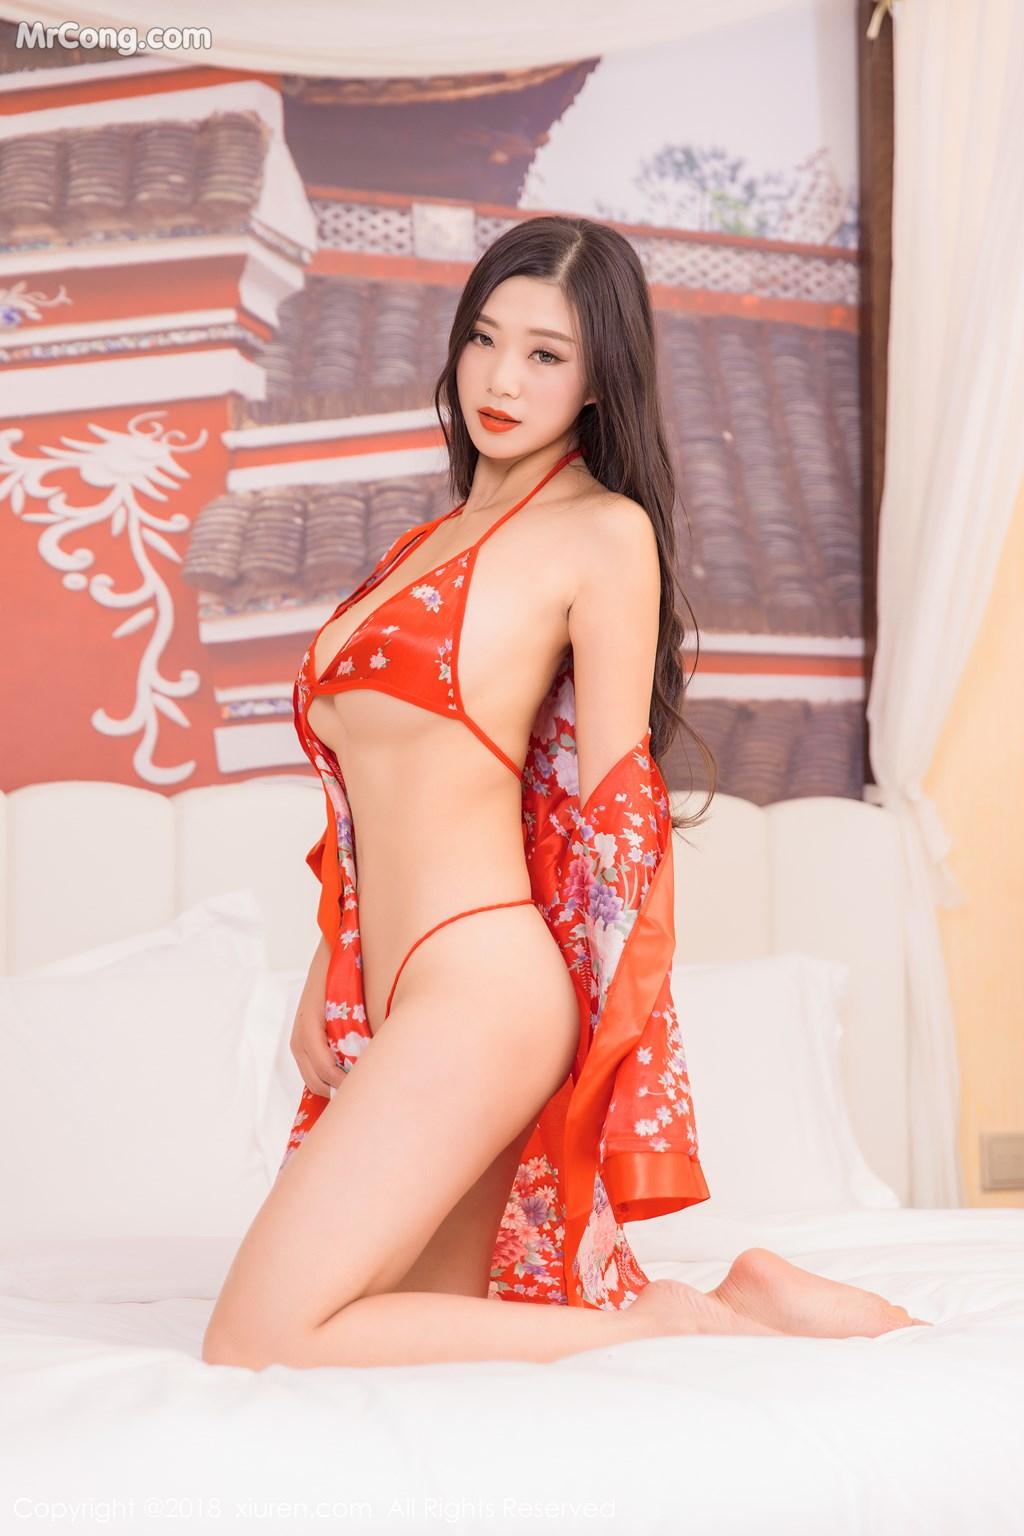 Image XIUREN-No.886-KiKi-MrCong.com-004 in post XIUREN No.886: Người mẫu 宋-KiKi (41 ảnh)